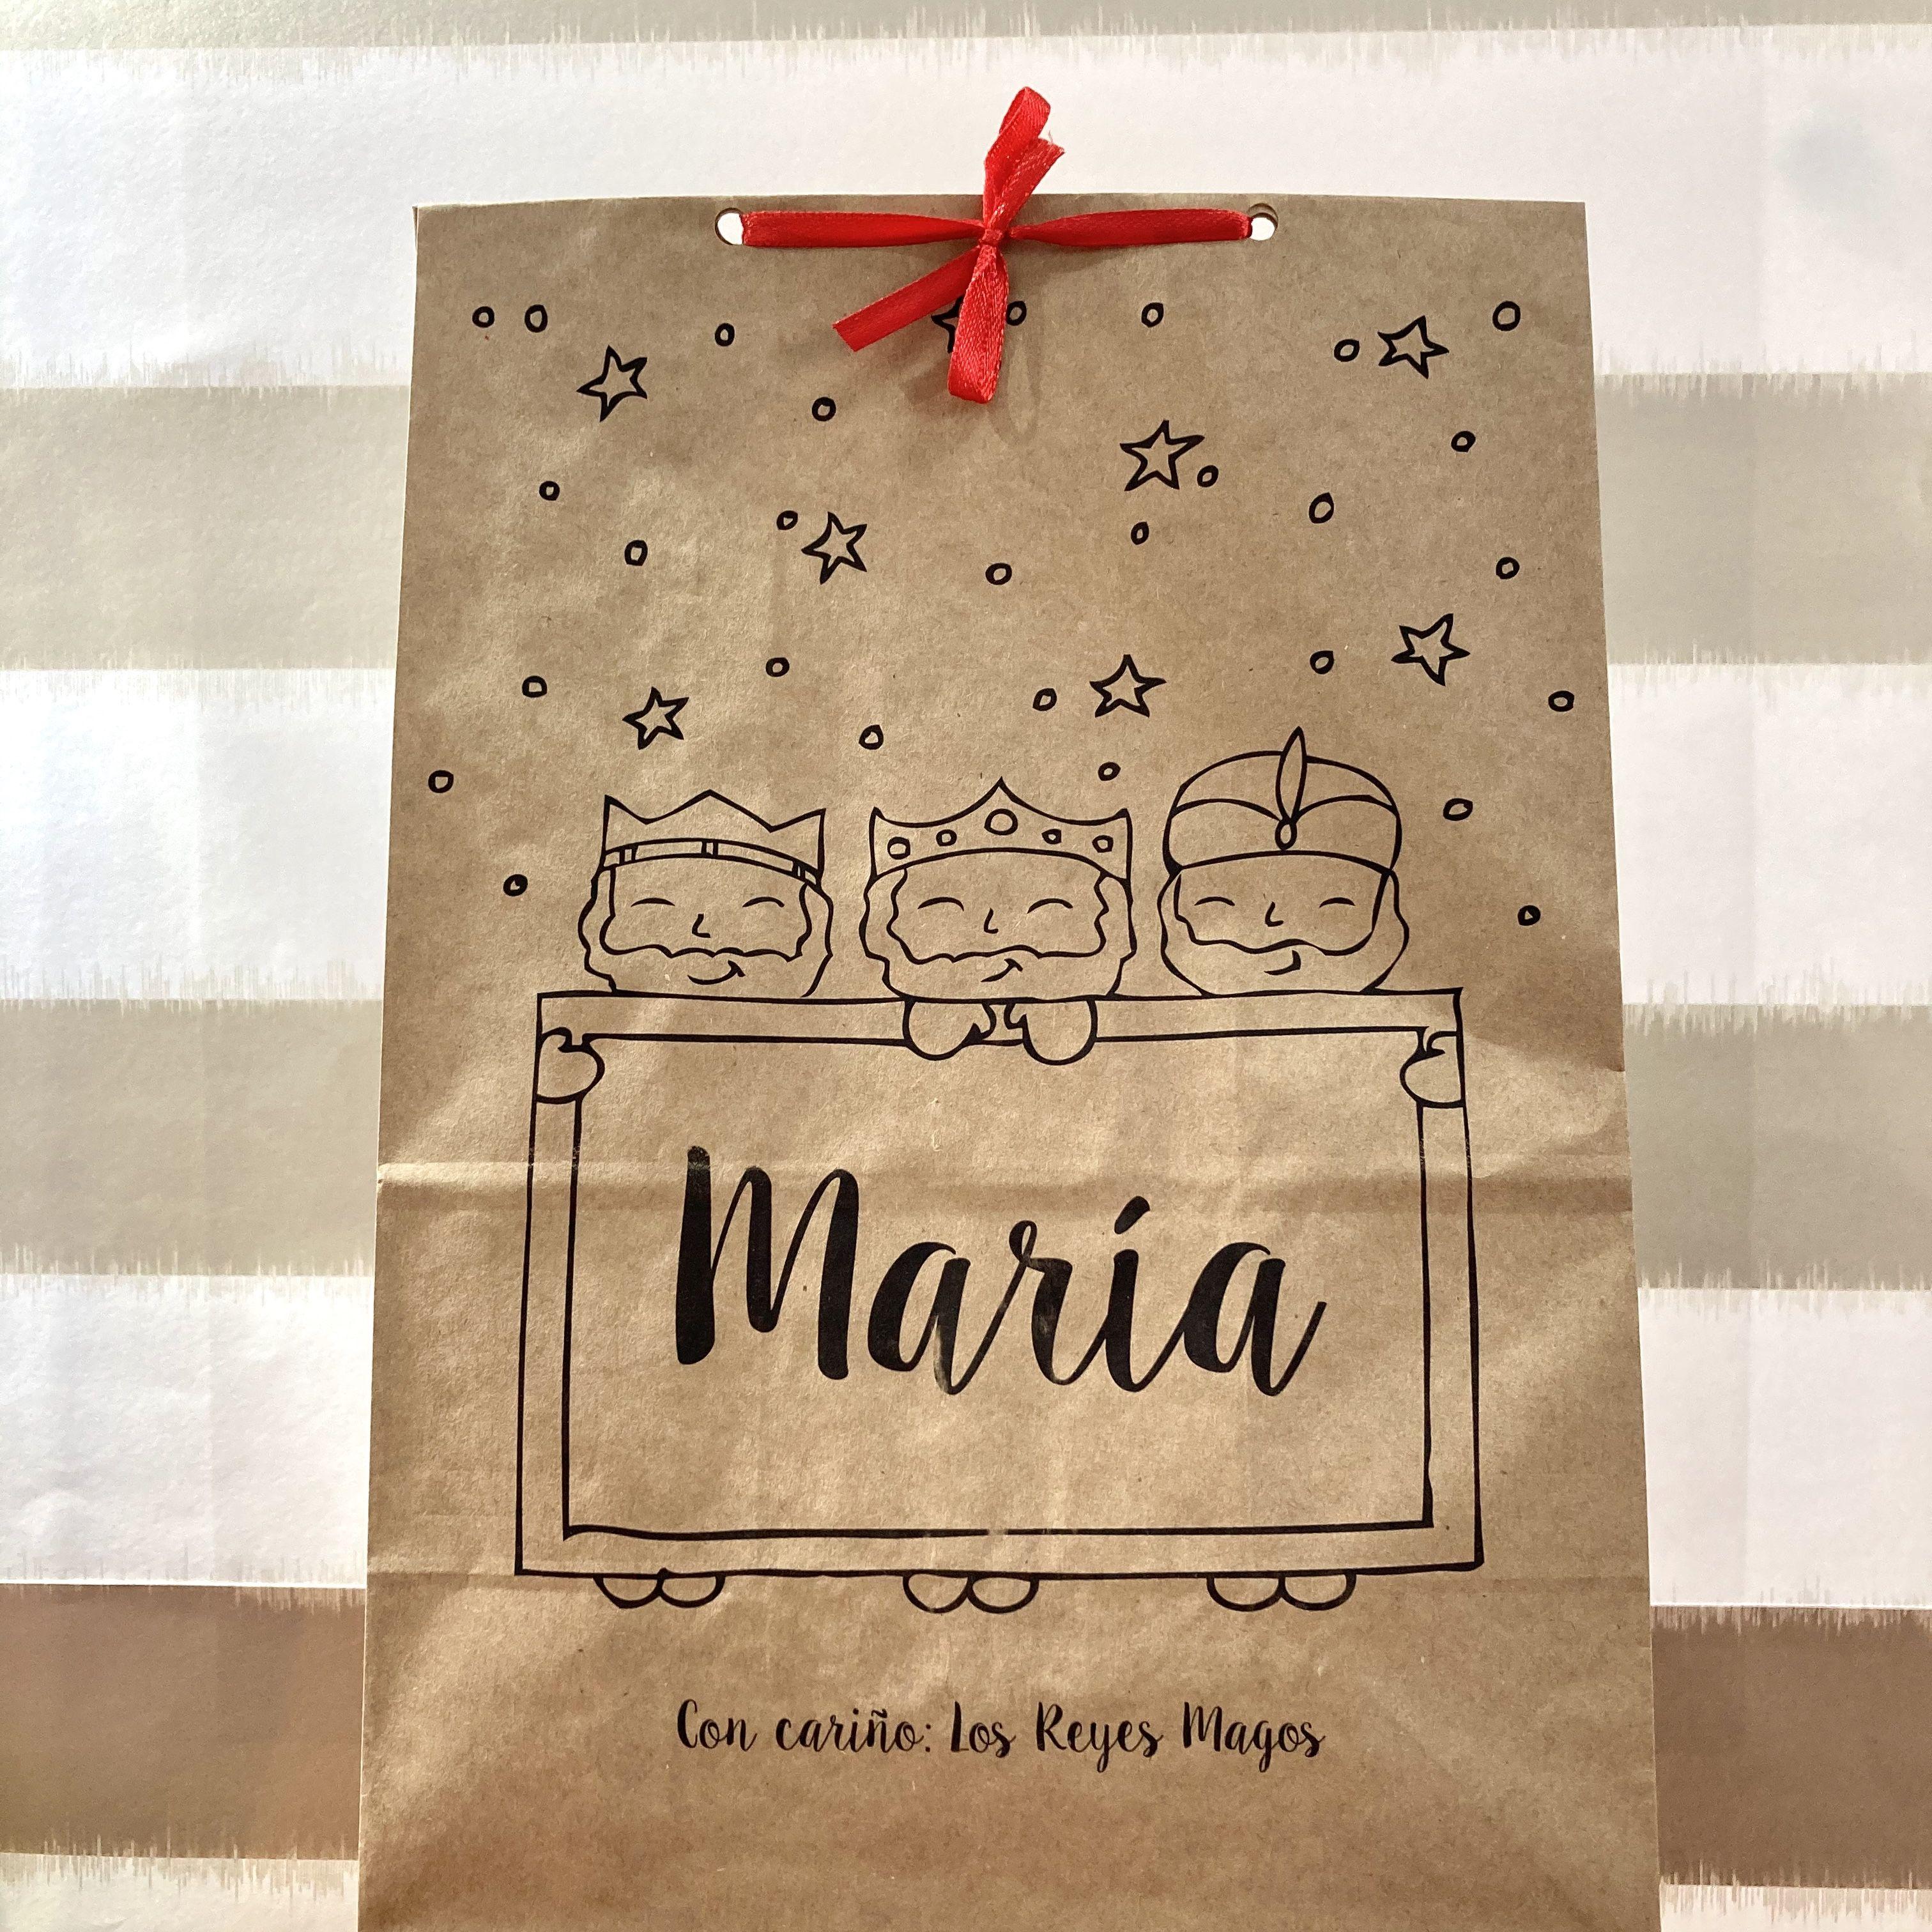 Impresión digital en bolsas en Bilbao